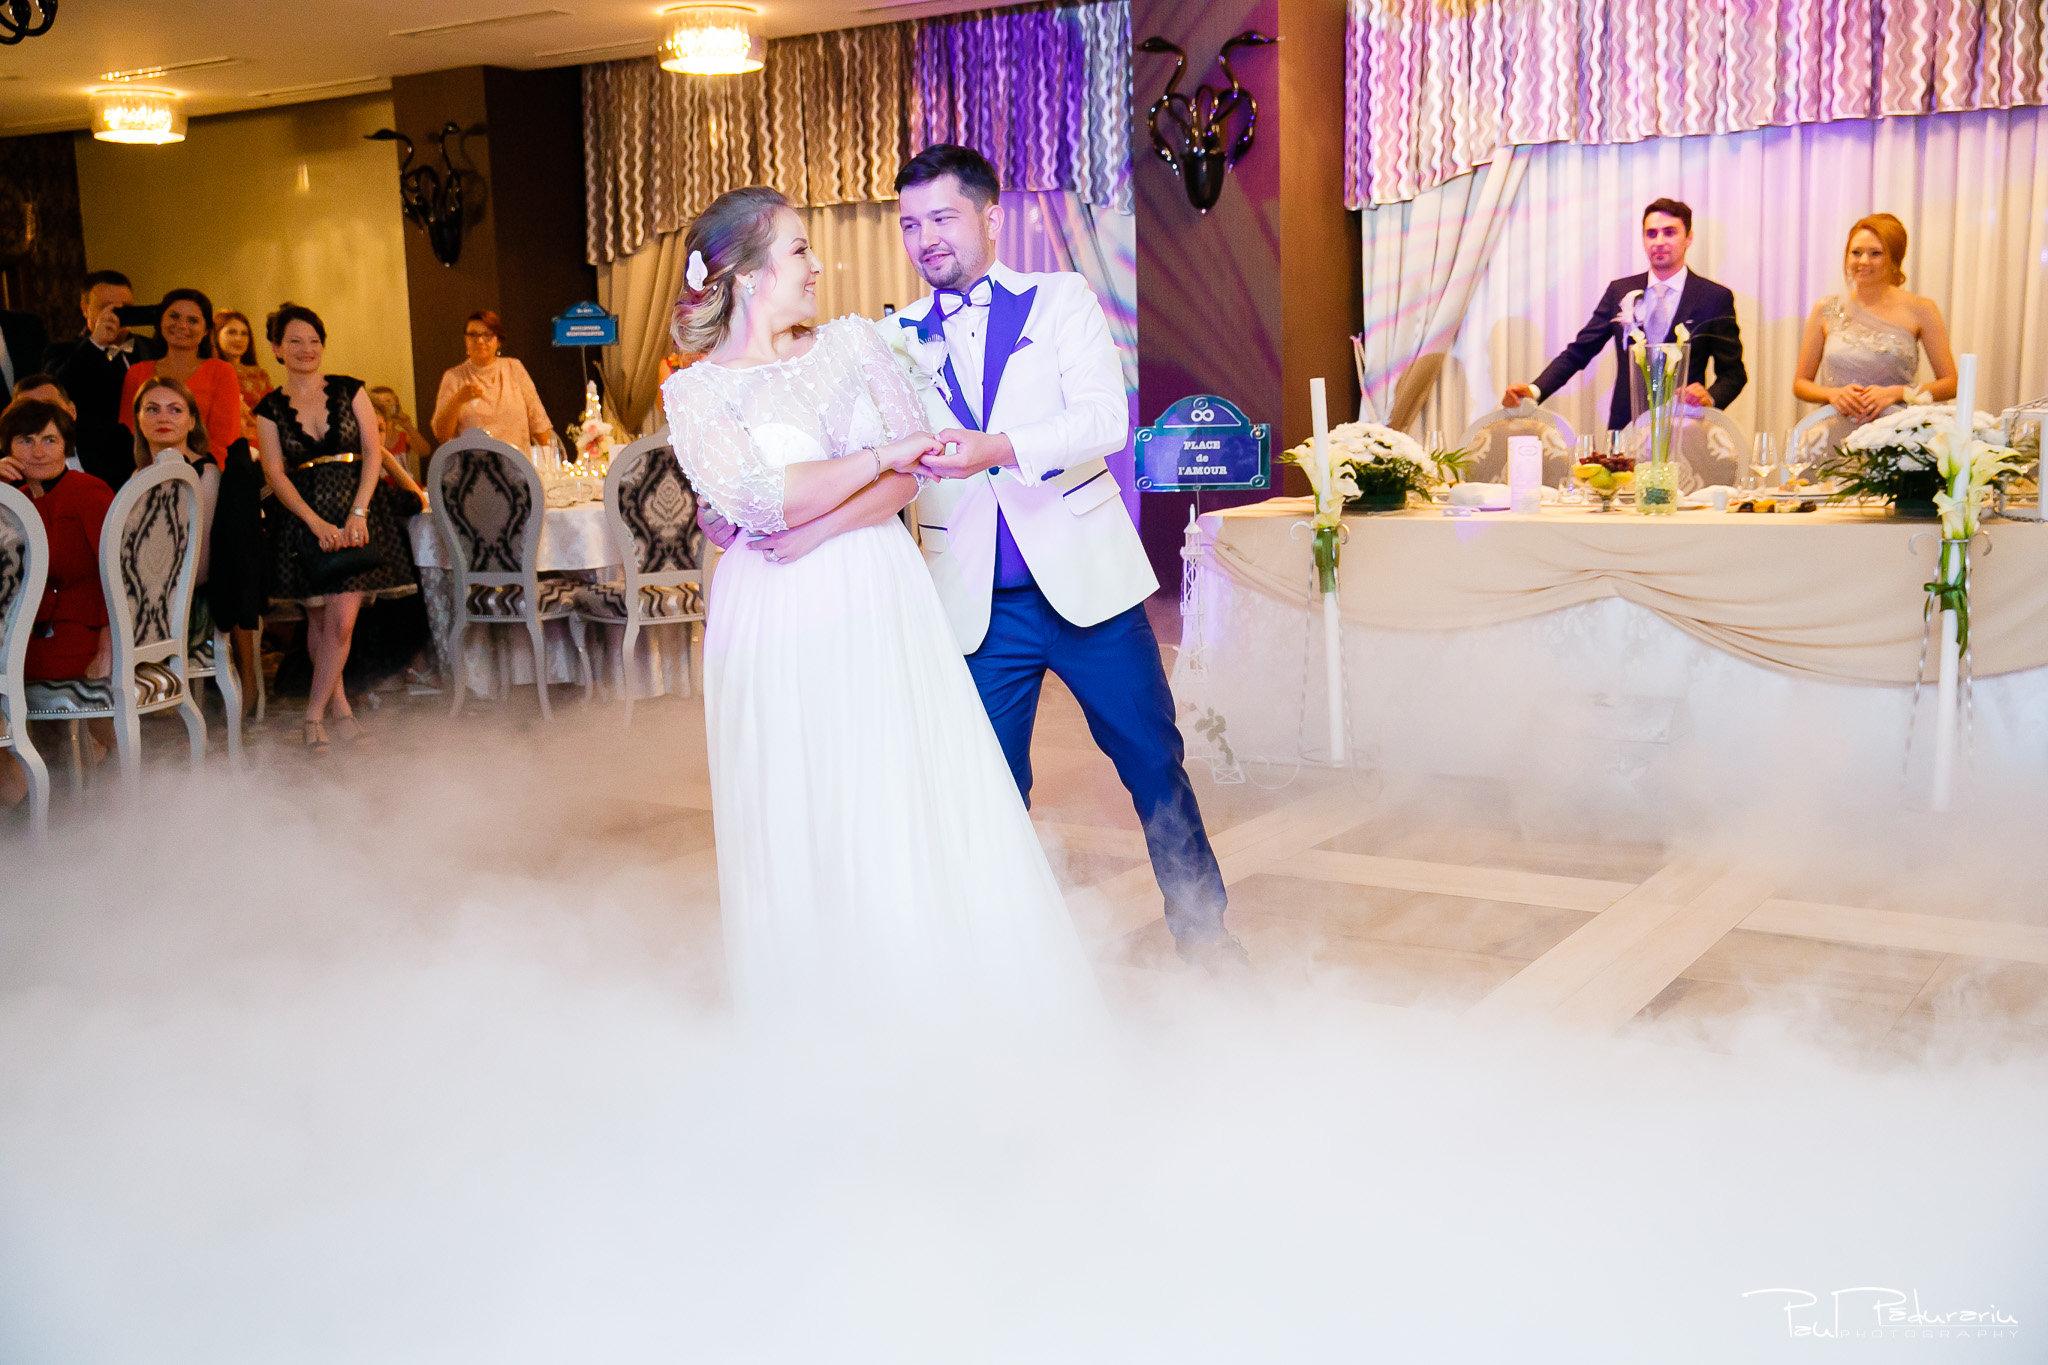 Petrecere la Pleaiada nunta Ema si Tudor fotograf profesionist de nunta iasi www.paulpadurariu.ro © 2017 Paul Padurariu dansul mirilor